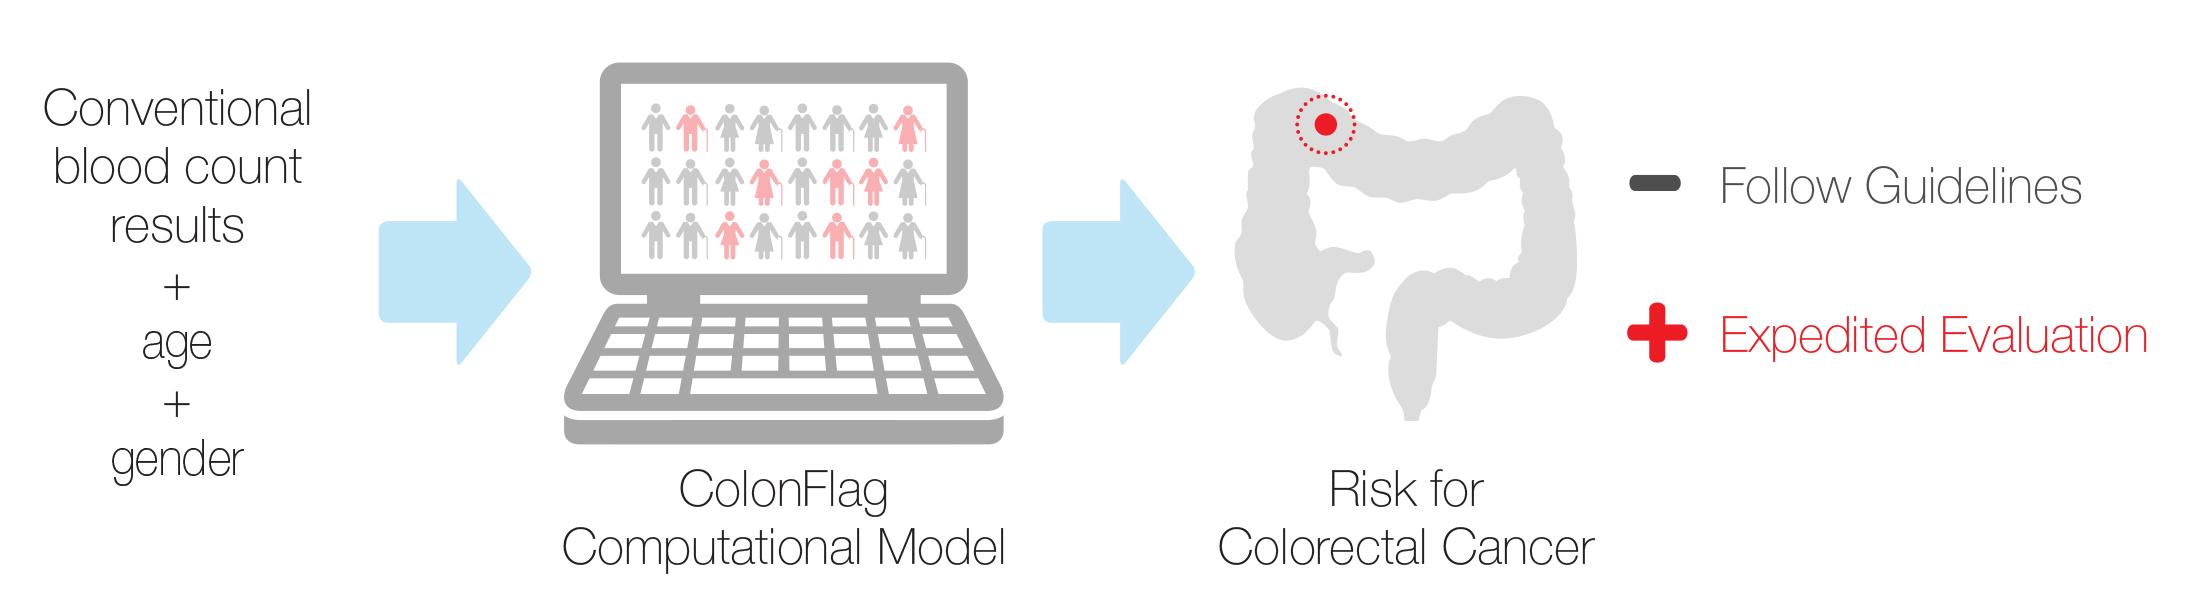 colonflag-risk-for-colorectal-cancer.jpg